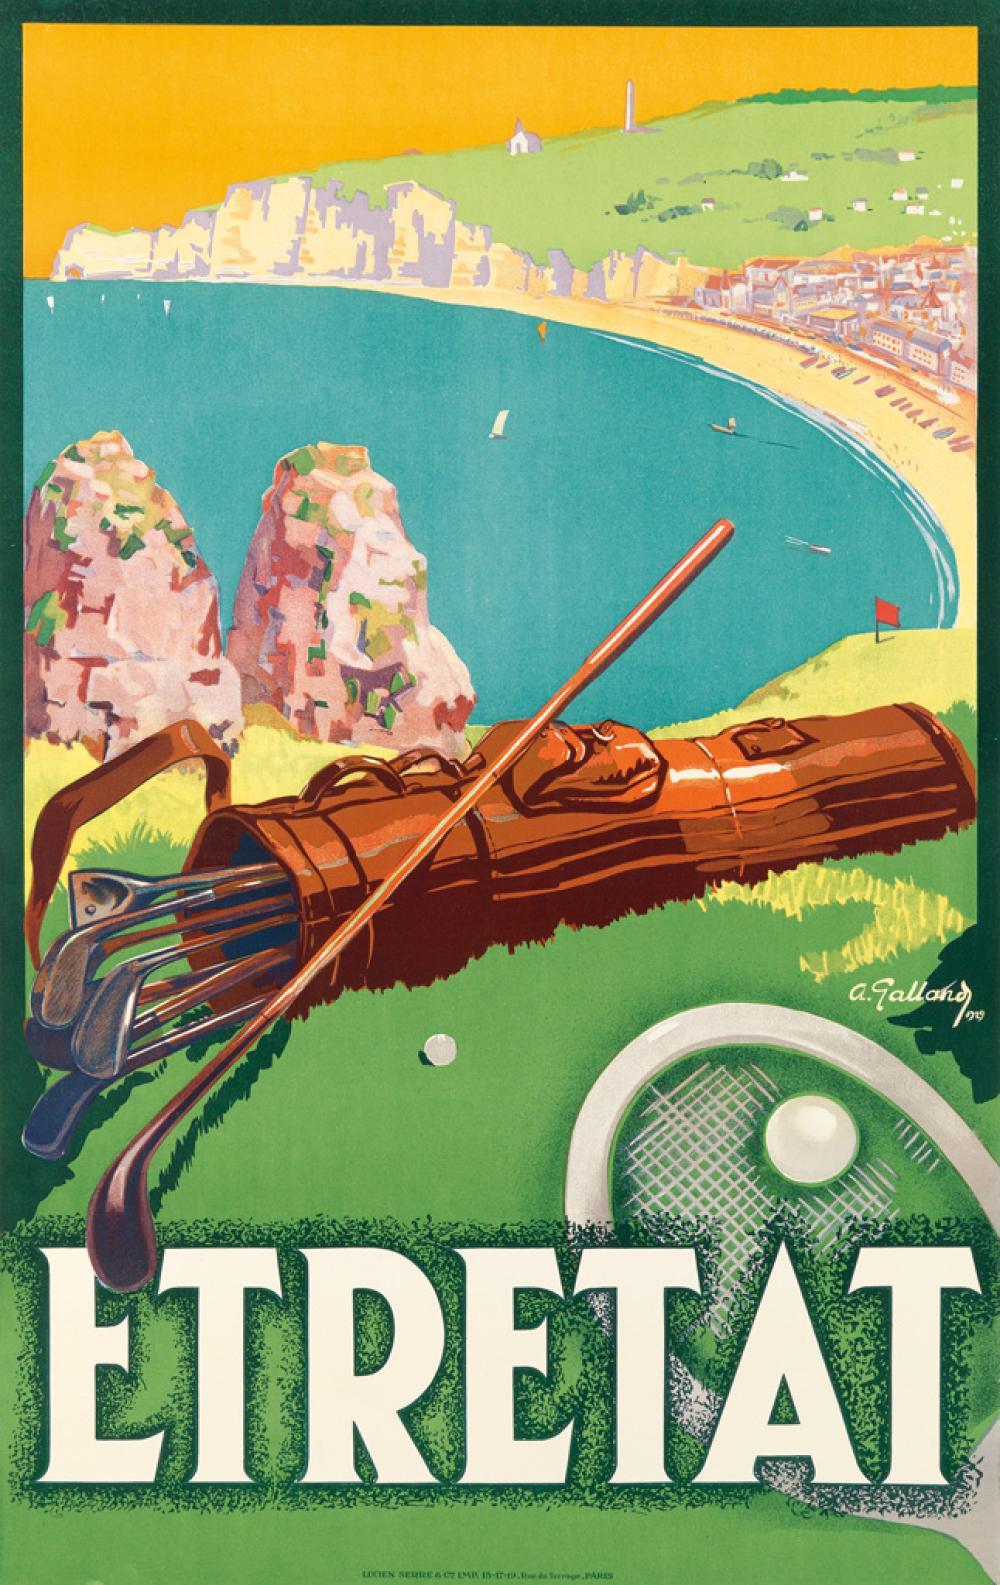 ANDRE GALLAND (1886-1965). ETRETAT. 1929. 39x24 inches, 99x63 cm. Lucien Serre & Cie, Paris.